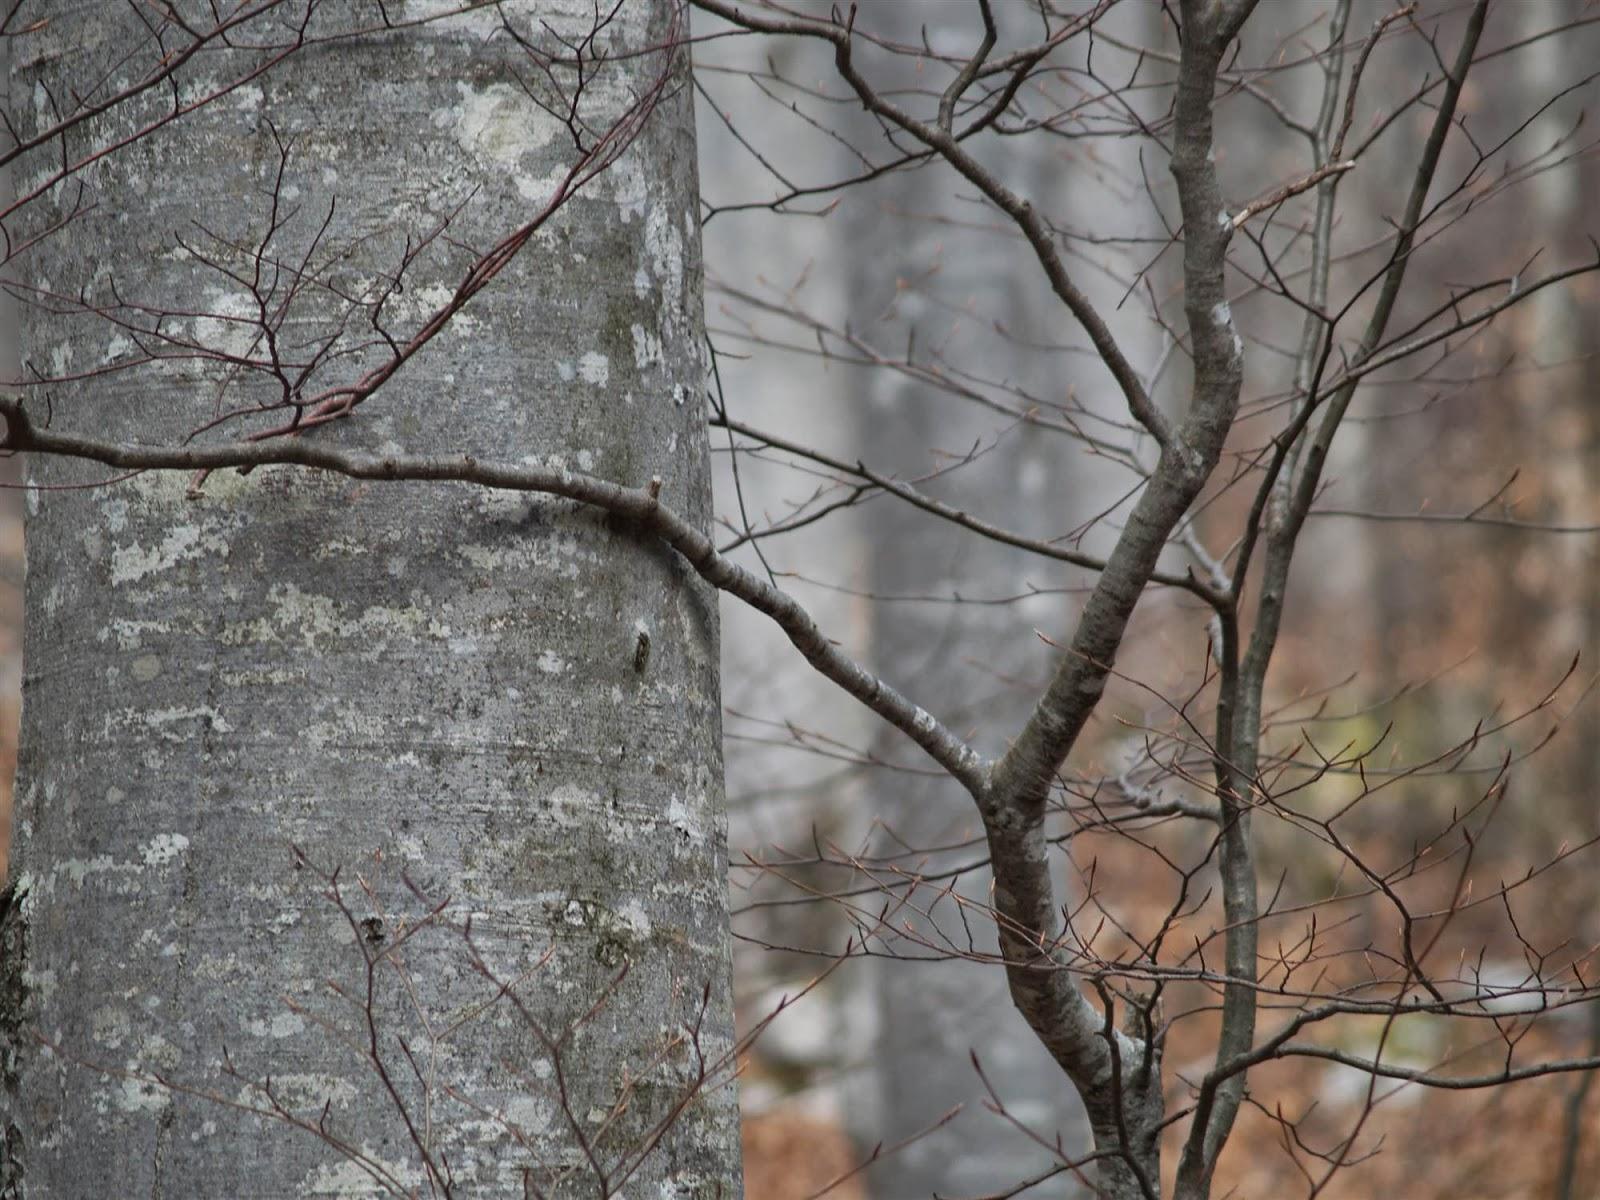 Orientacijski vikend, Črni dol 2007 - P0176119.JPG